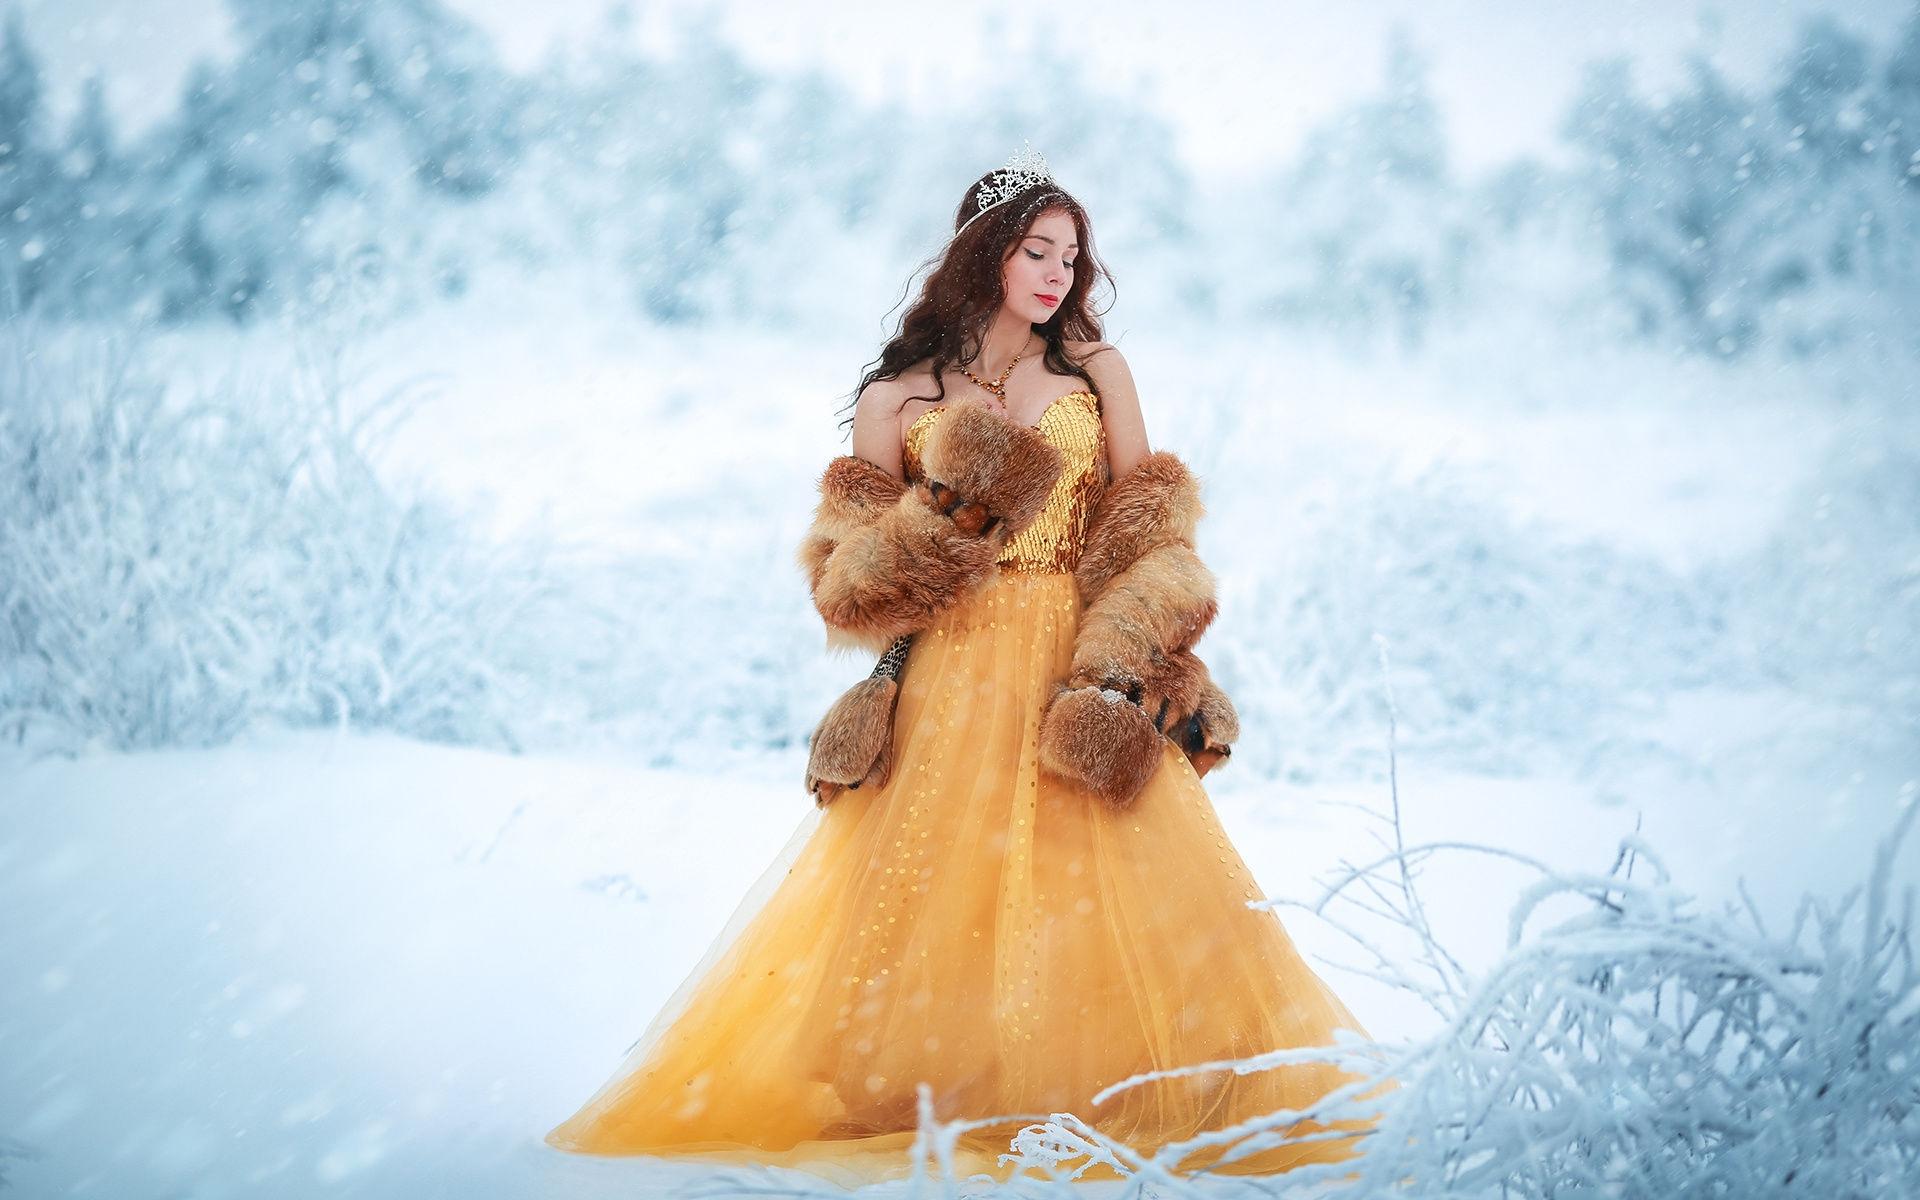 Девушка в платье зимой фотосессия